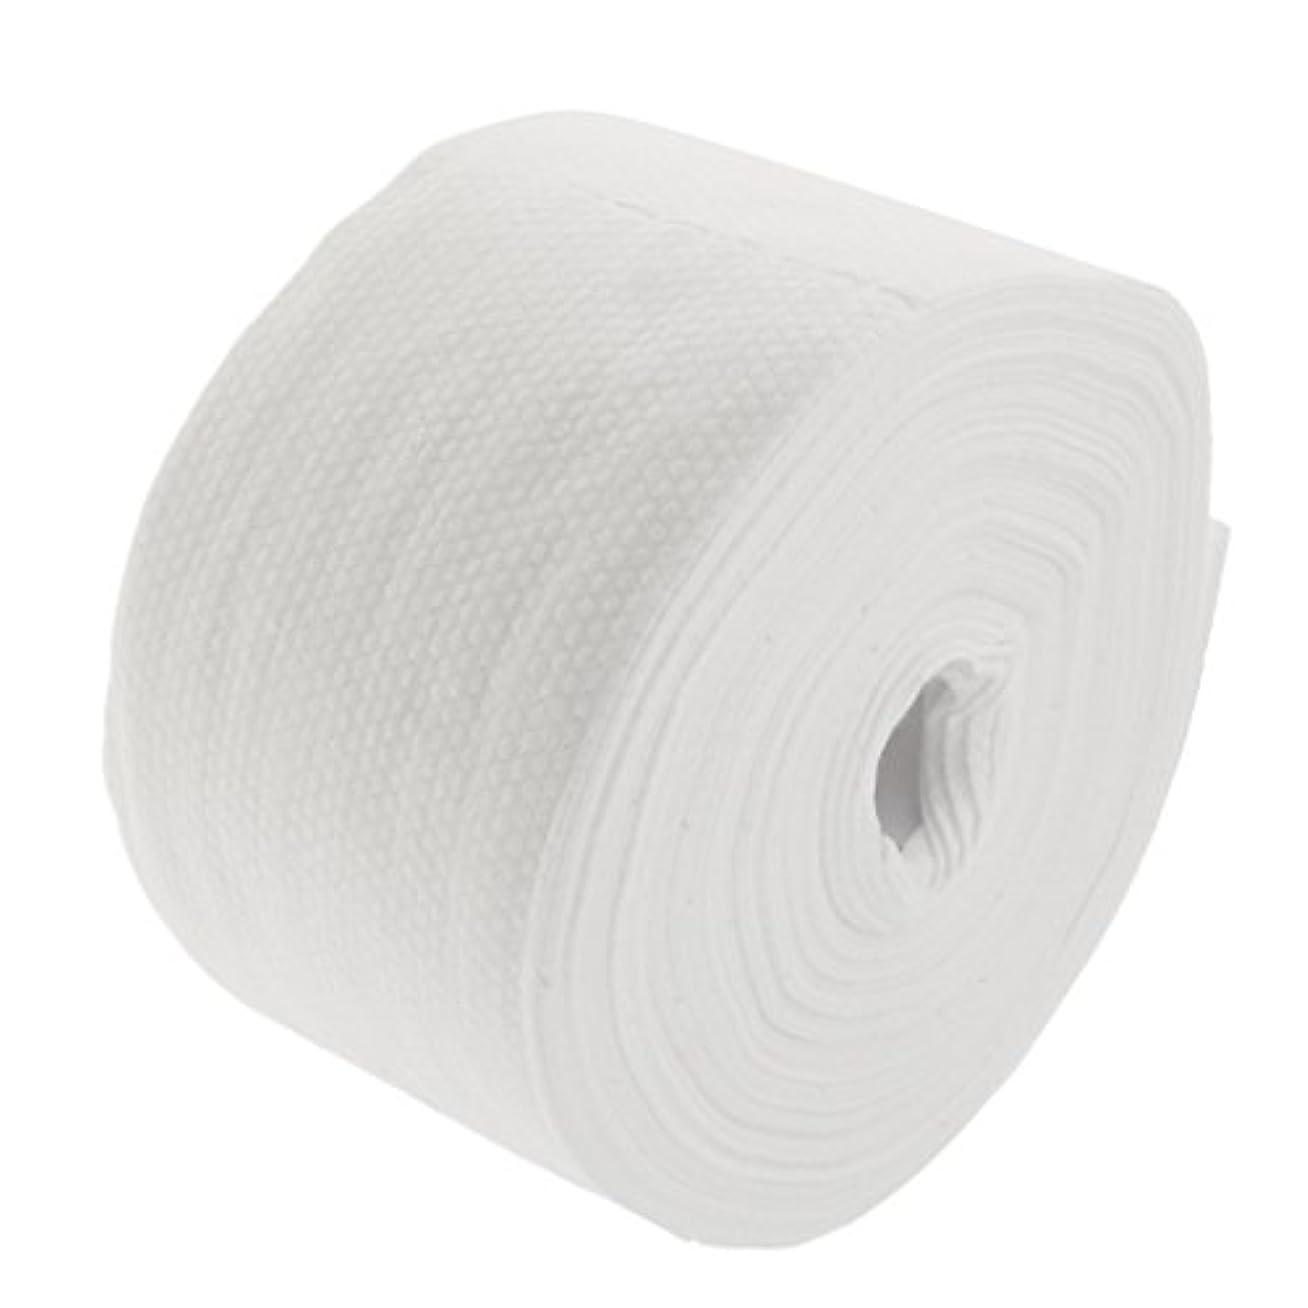 福祉ヒロイン取り除くロール式 使い捨て フェイシャルタオル 30M 使い捨てタオル 繊維 クレンジング フェイシャル メイクリムーバー 2タイプ選べる - #2